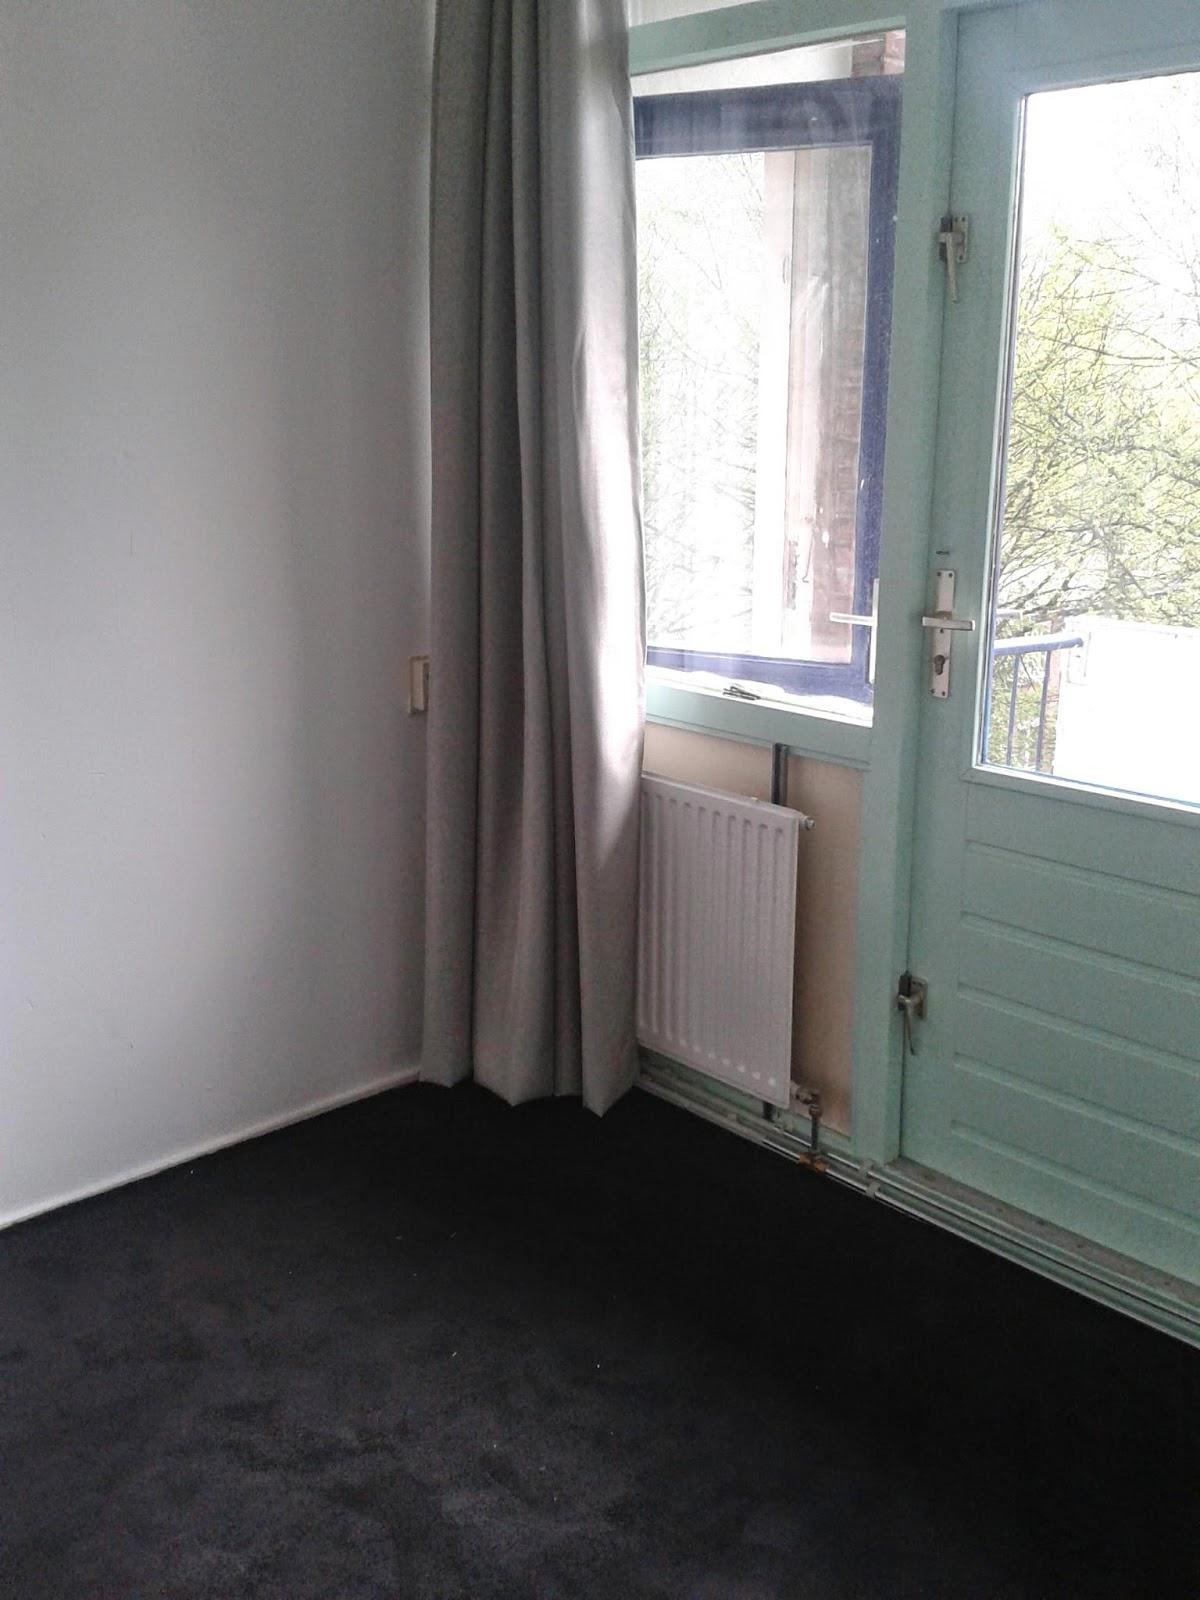 Mijn verhuis/interieur-Blog: april 2014